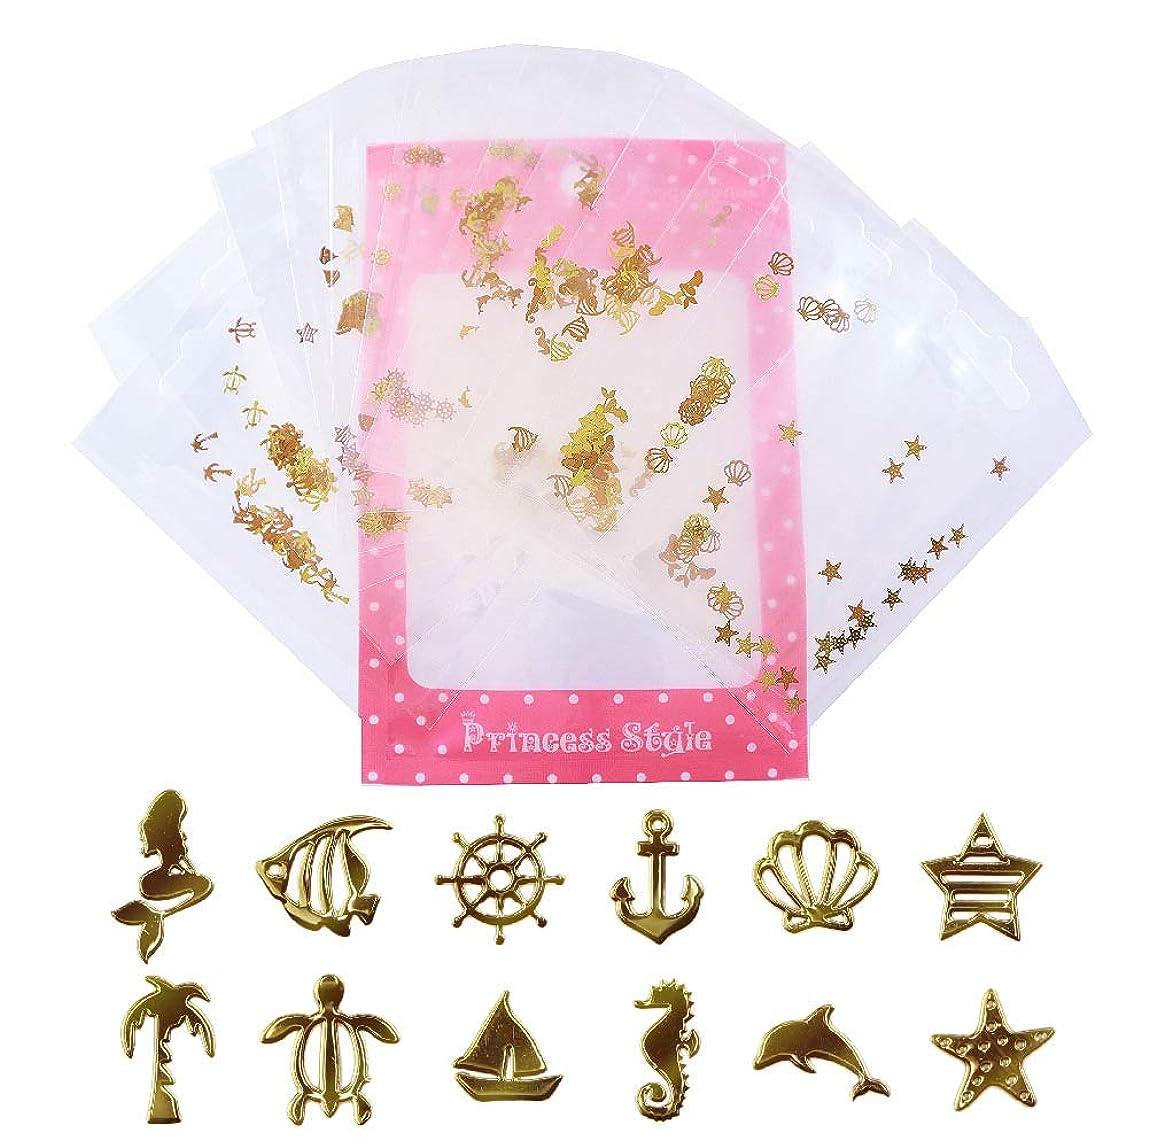 オン宿命無能薄型 アート パーツ ゴールド ネイル&レジン用 マリンパーツ 12種類300枚セット 袋入り